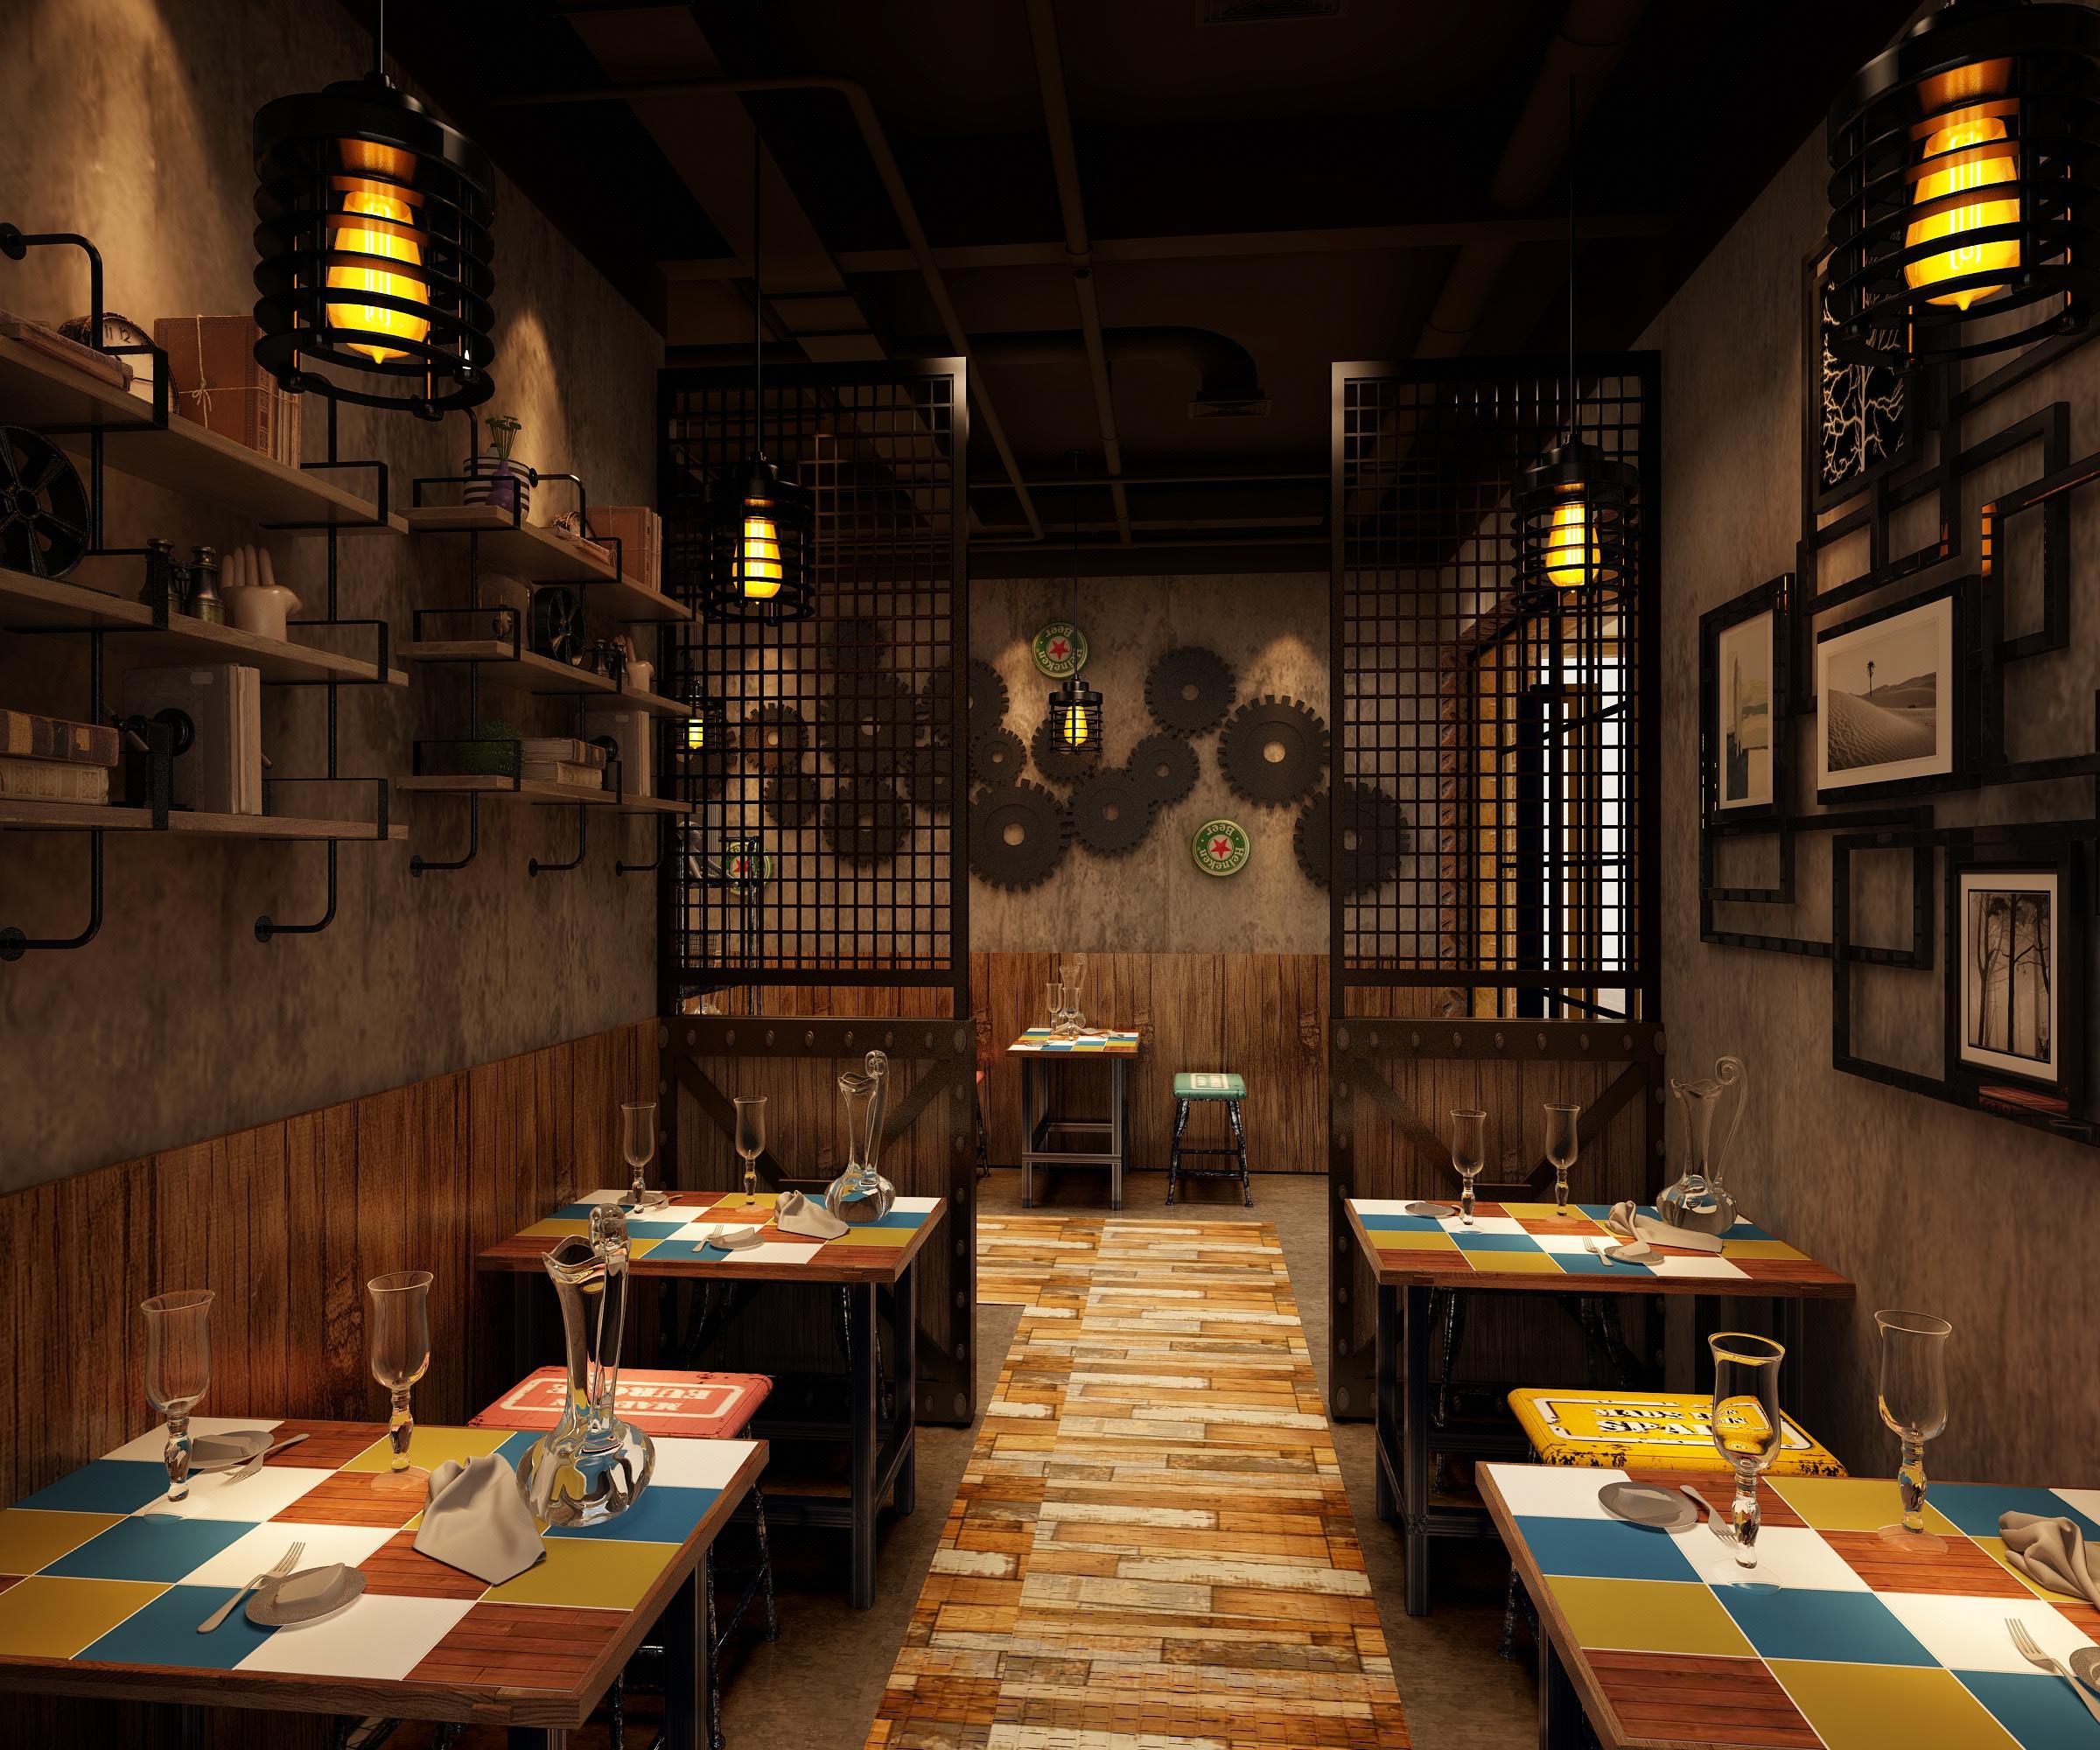 店面设计,店铺设计,室内设计,效果图,餐厅装修设计餐饮店设计